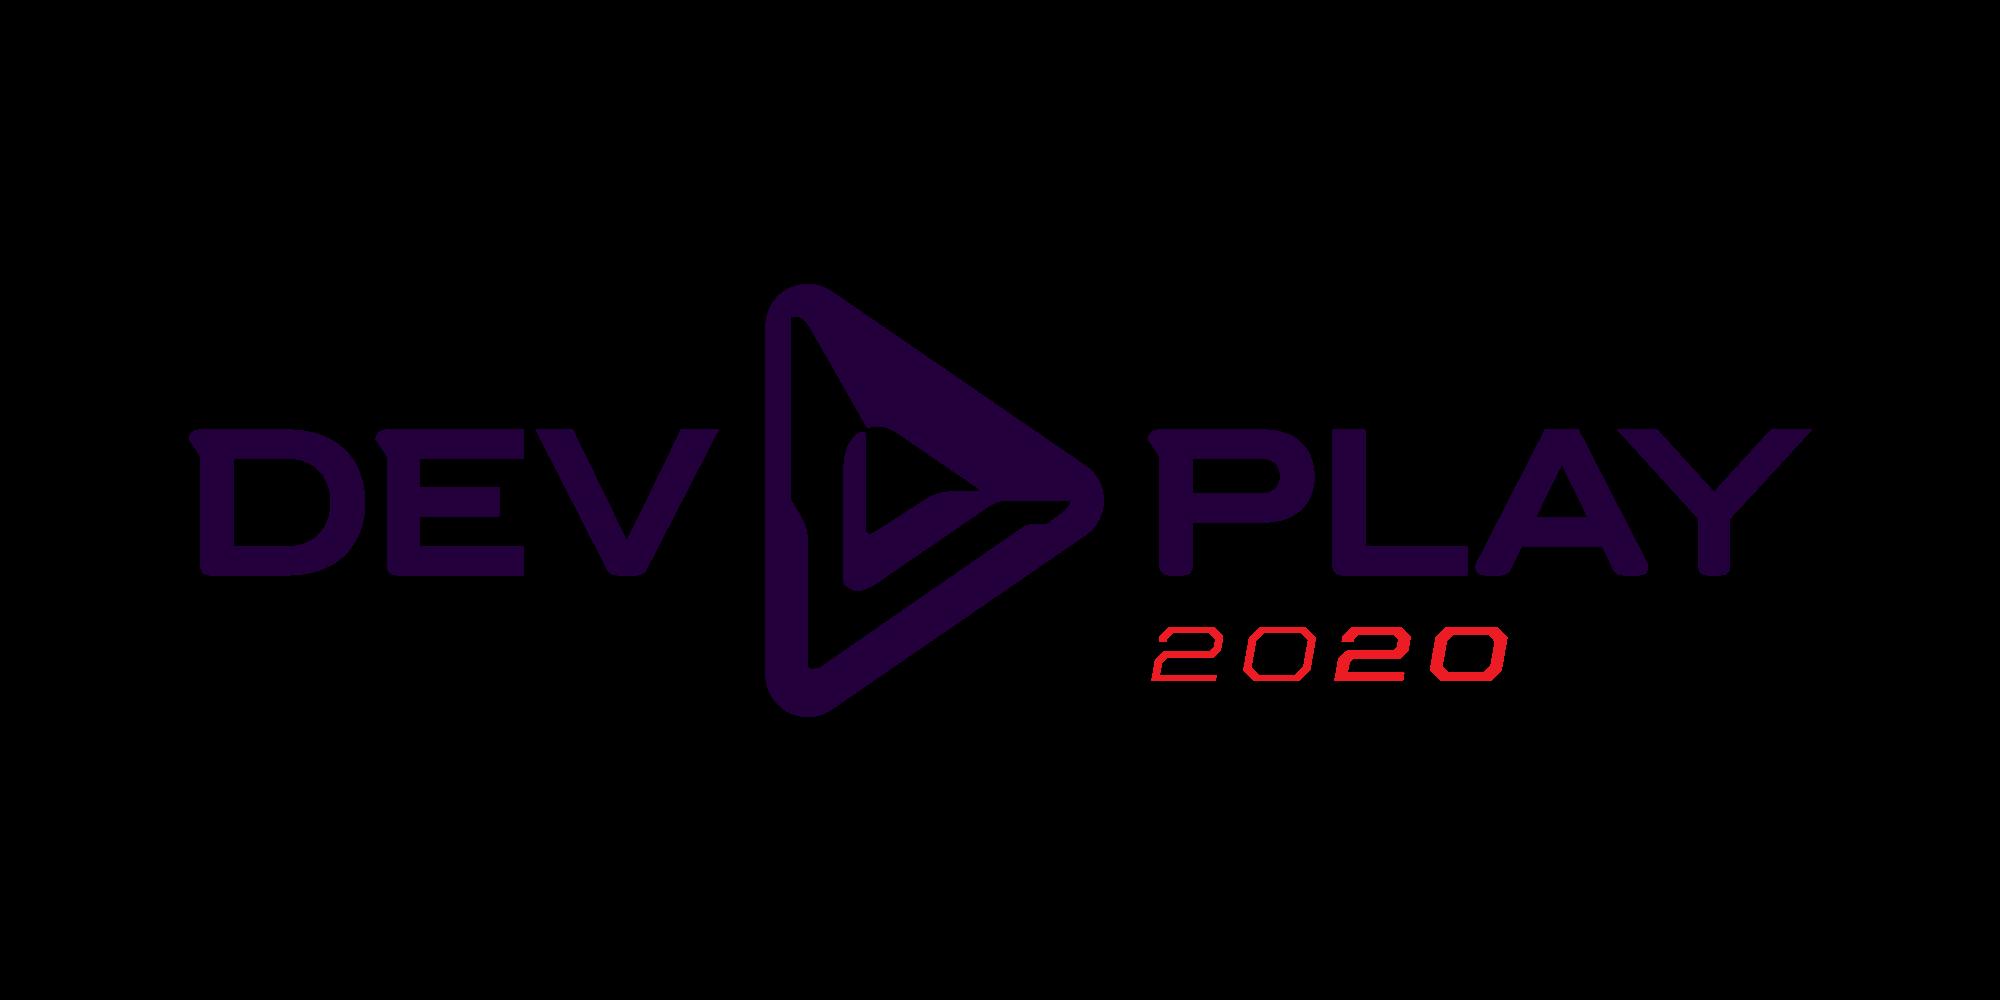 Logo_violet-002.png